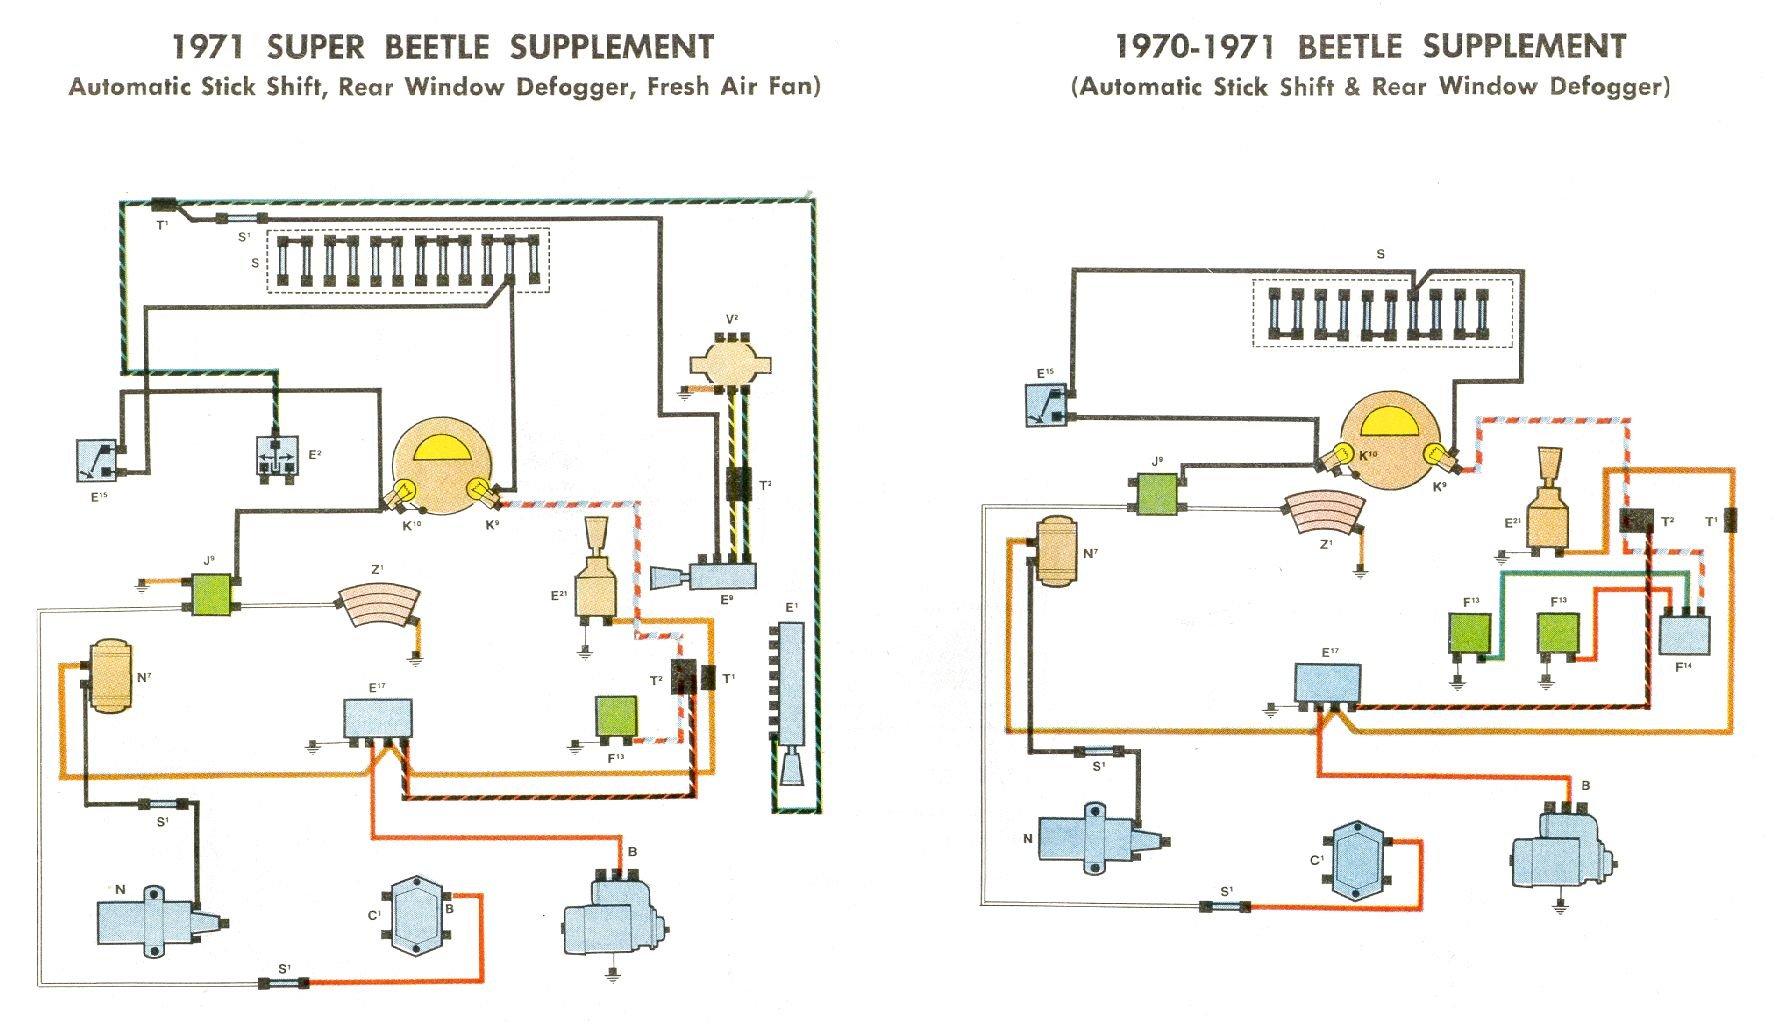 1969 71 Beetle Wiring Diagram Thegoldenbugcom